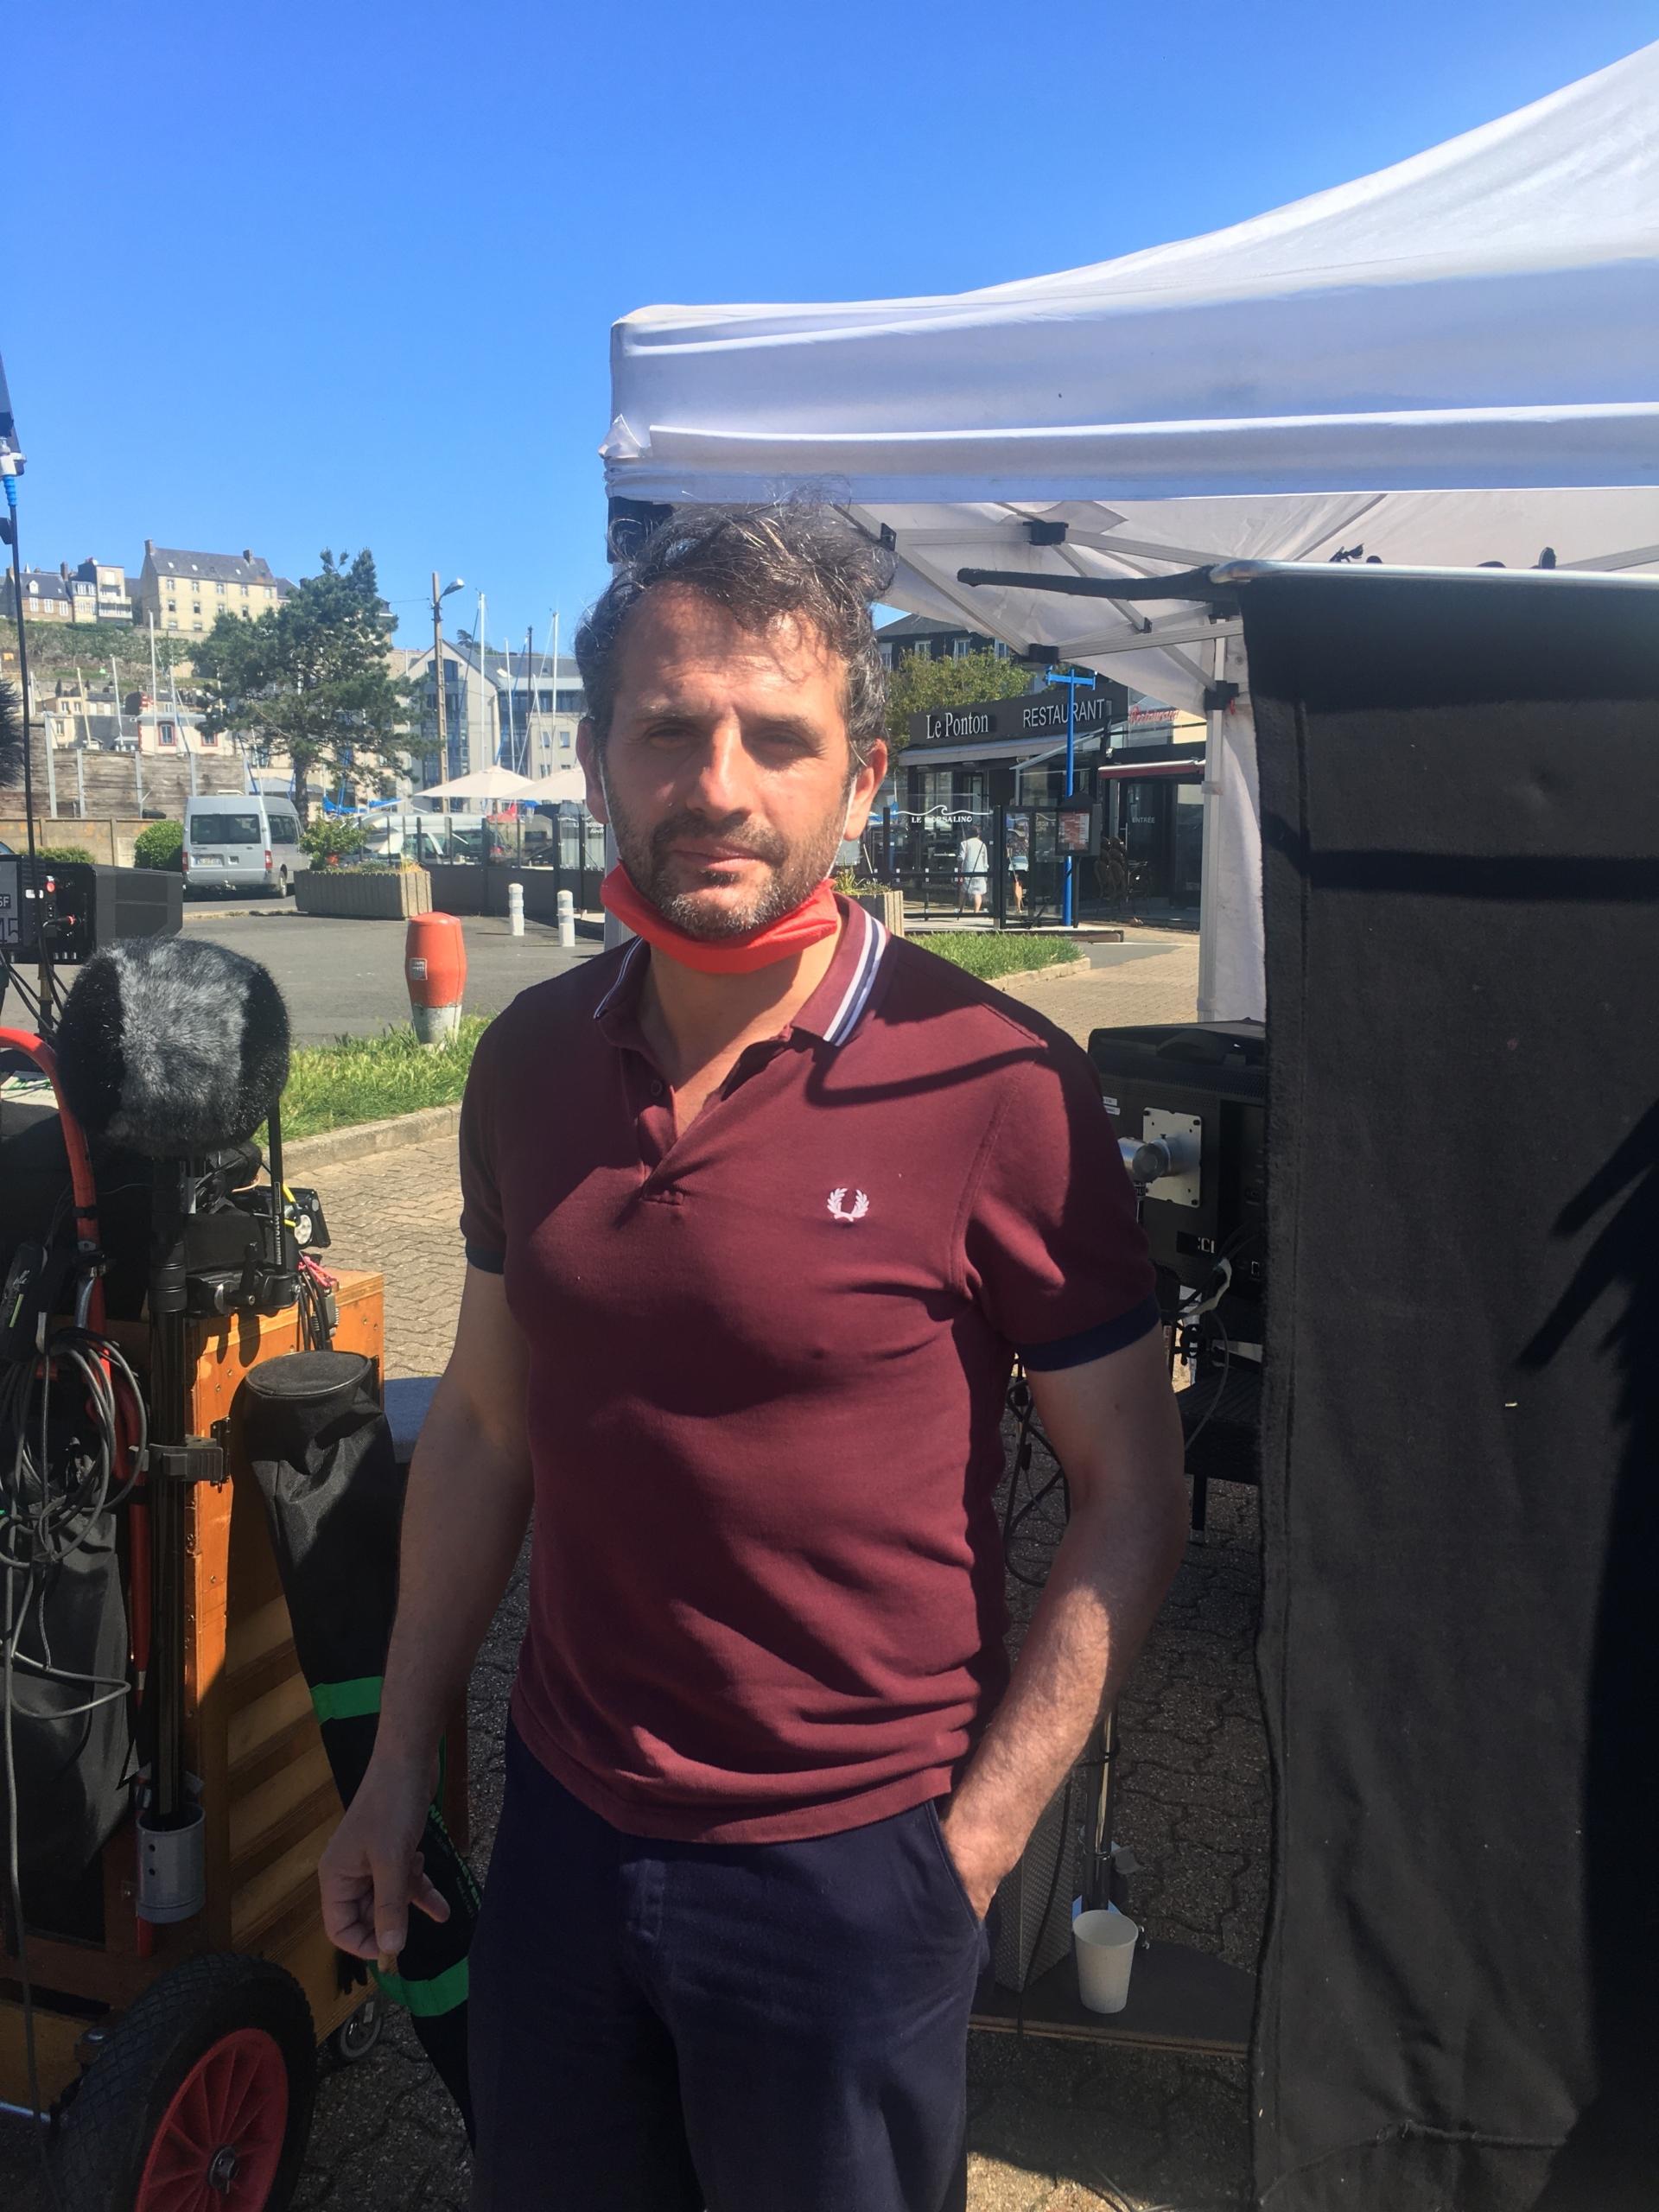 Le réalisateur Serge Bozon tourne son prochain long-métrage, Don Juan, à Granville. ©Marie Blanc-Juhel - Coll. Ville de Granville